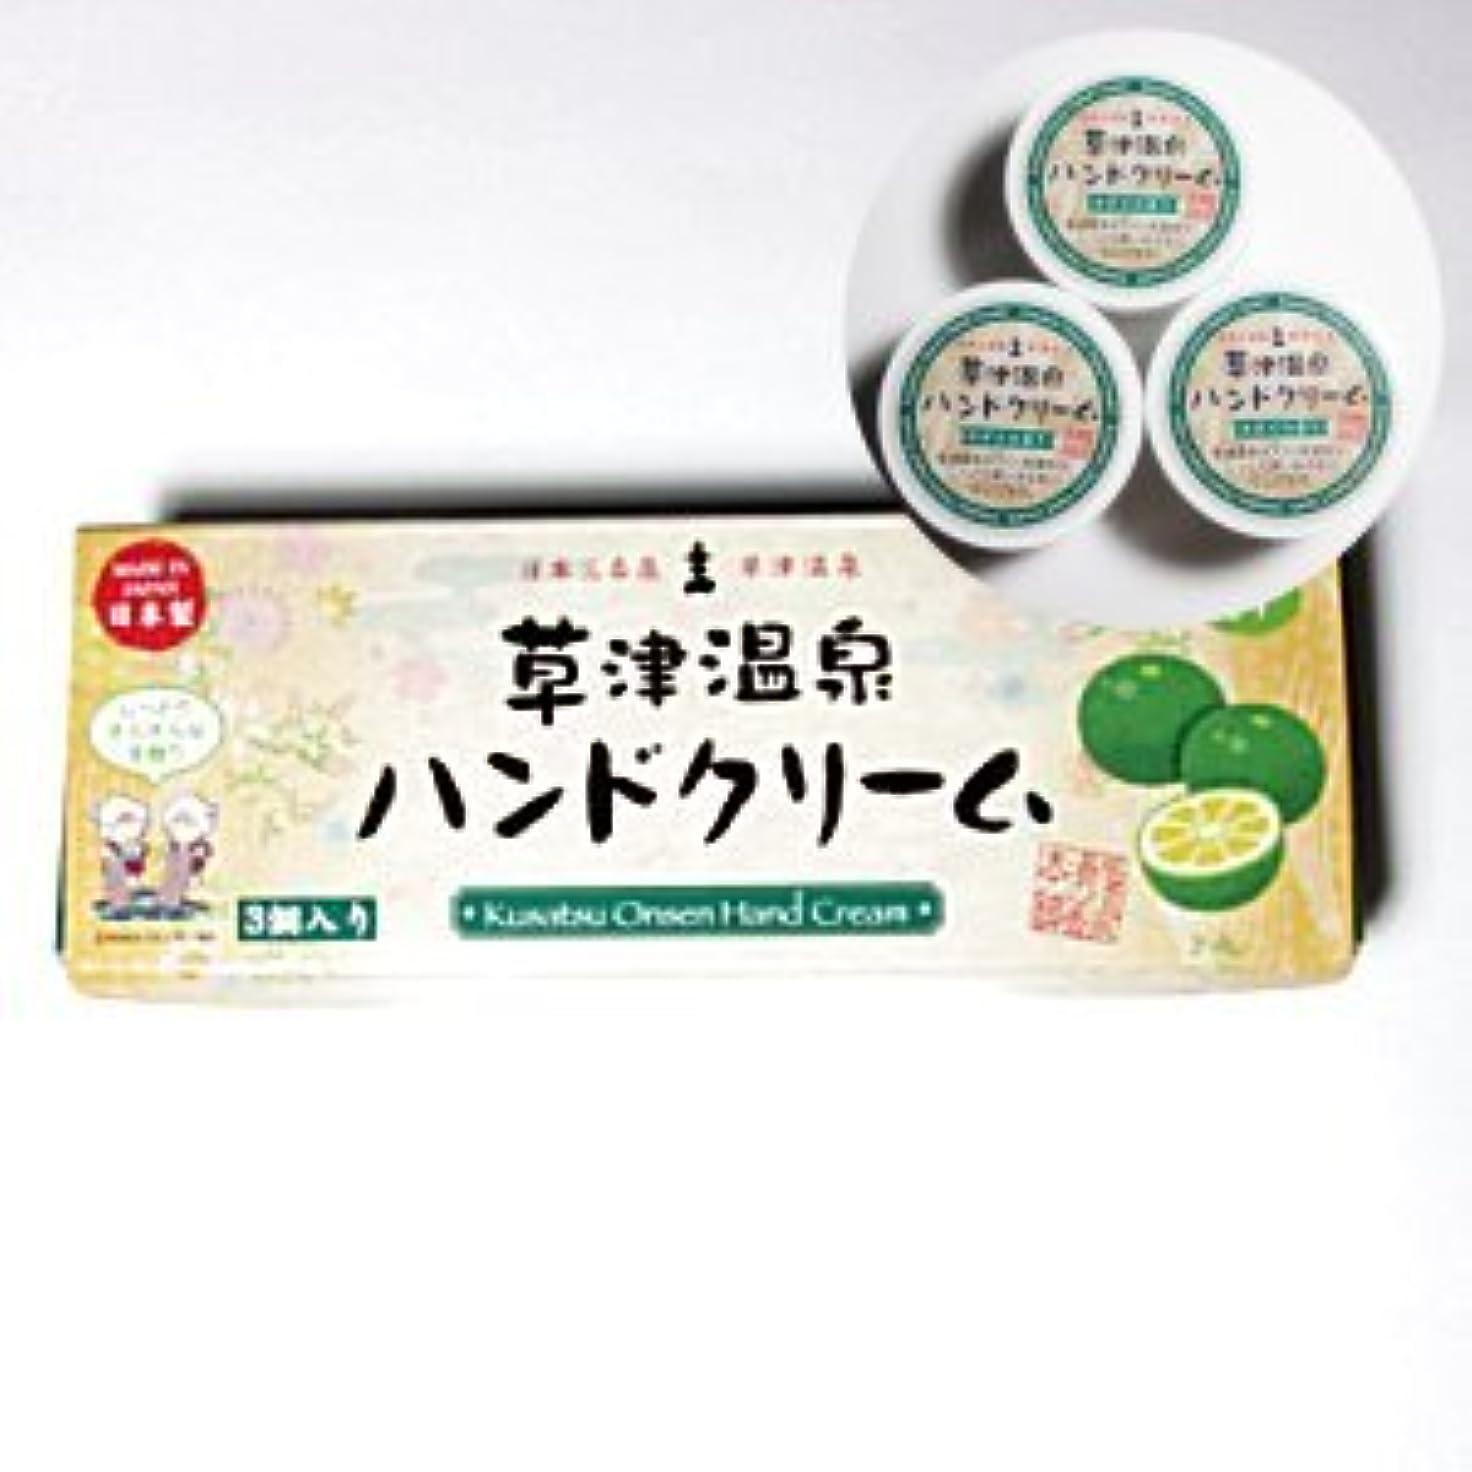 適応的速い性差別草津温泉ハンドクリーム カボスの香り 15gx3